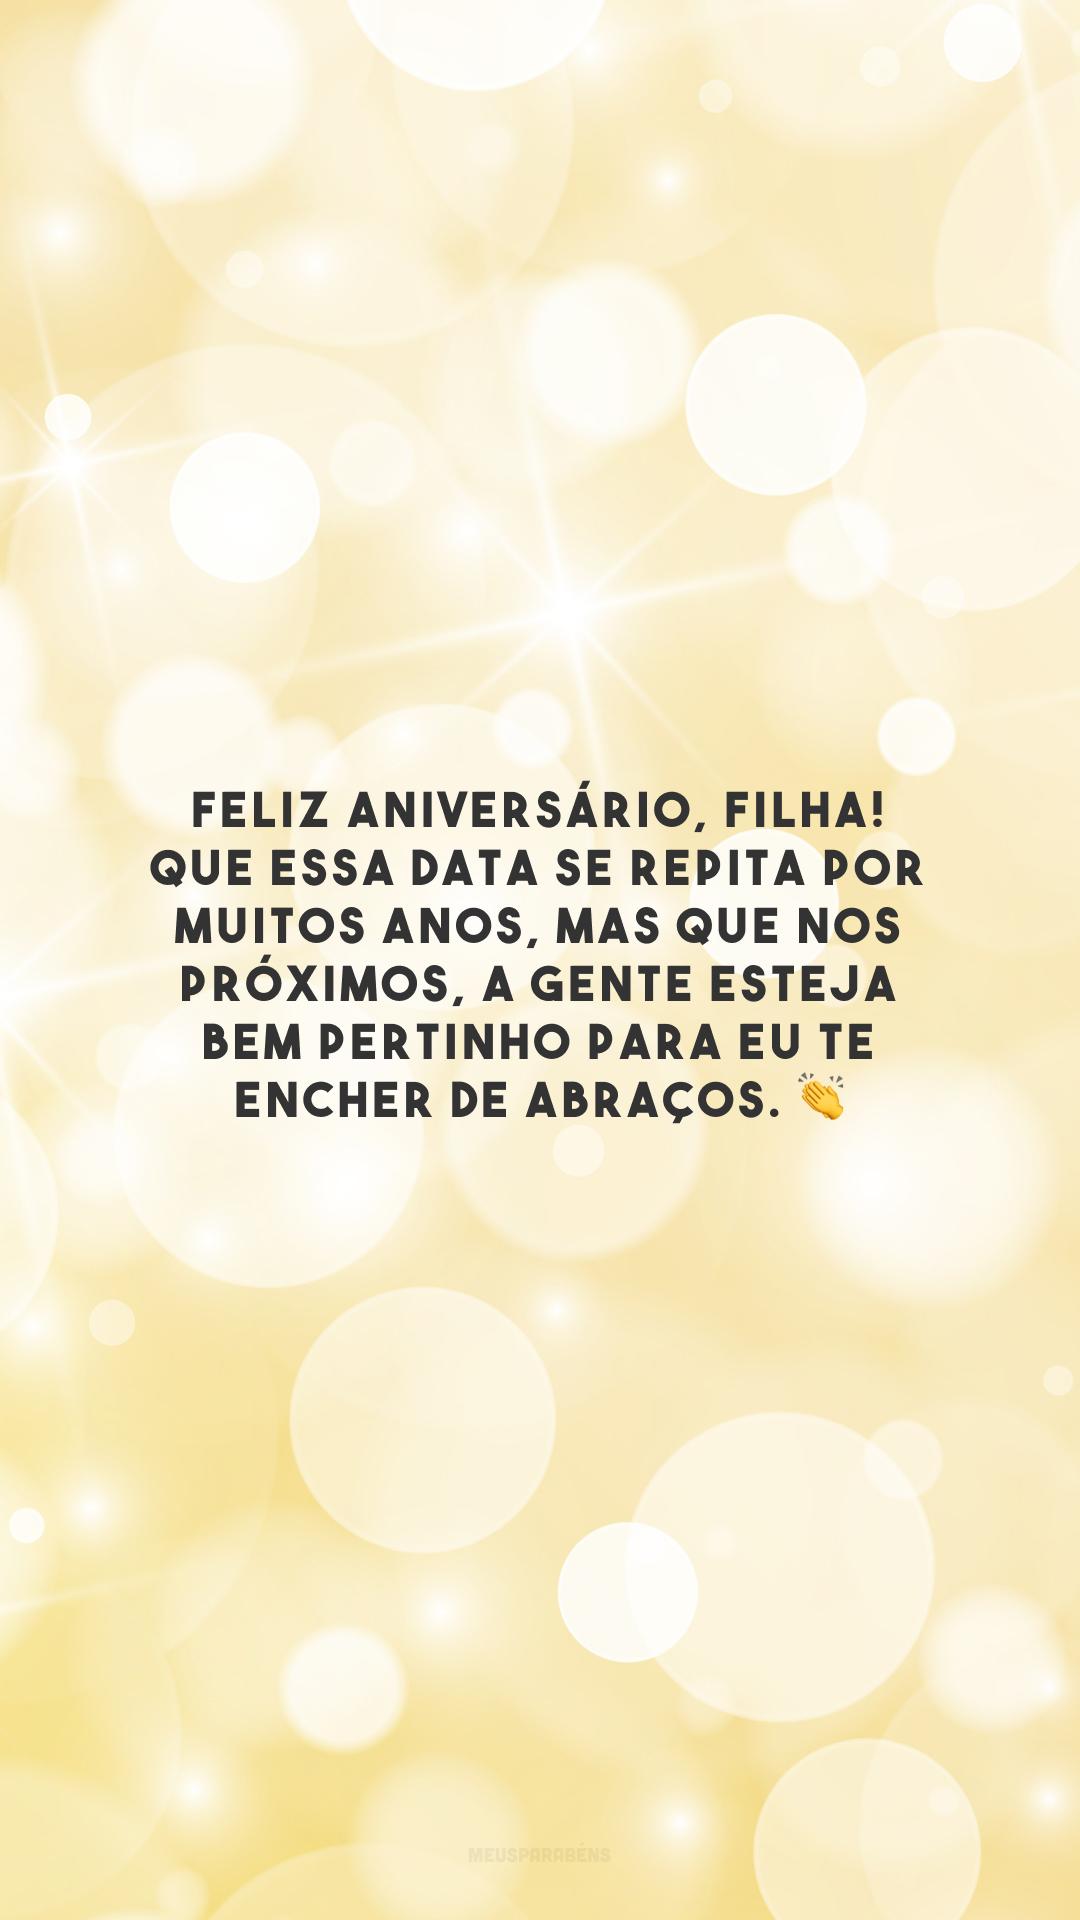 Feliz aniversário, filha! Que essa data se repita por muitos anos, mas que nos próximos, a gente esteja bem pertinho para eu te encher de abraços. 👏